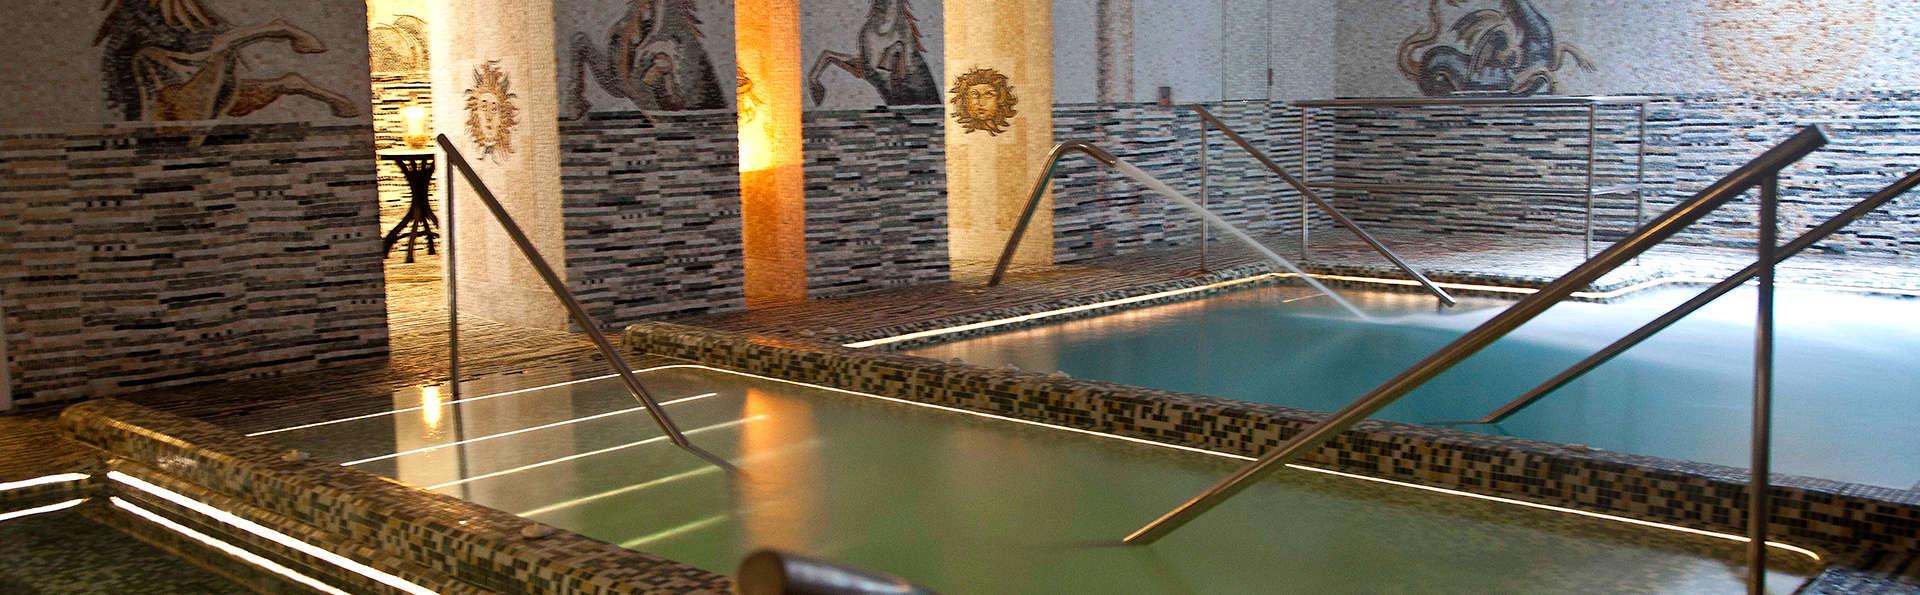 Escapada Relax en un apartamento en la mágica Sevilla con circuito en las Termas de Hispalis